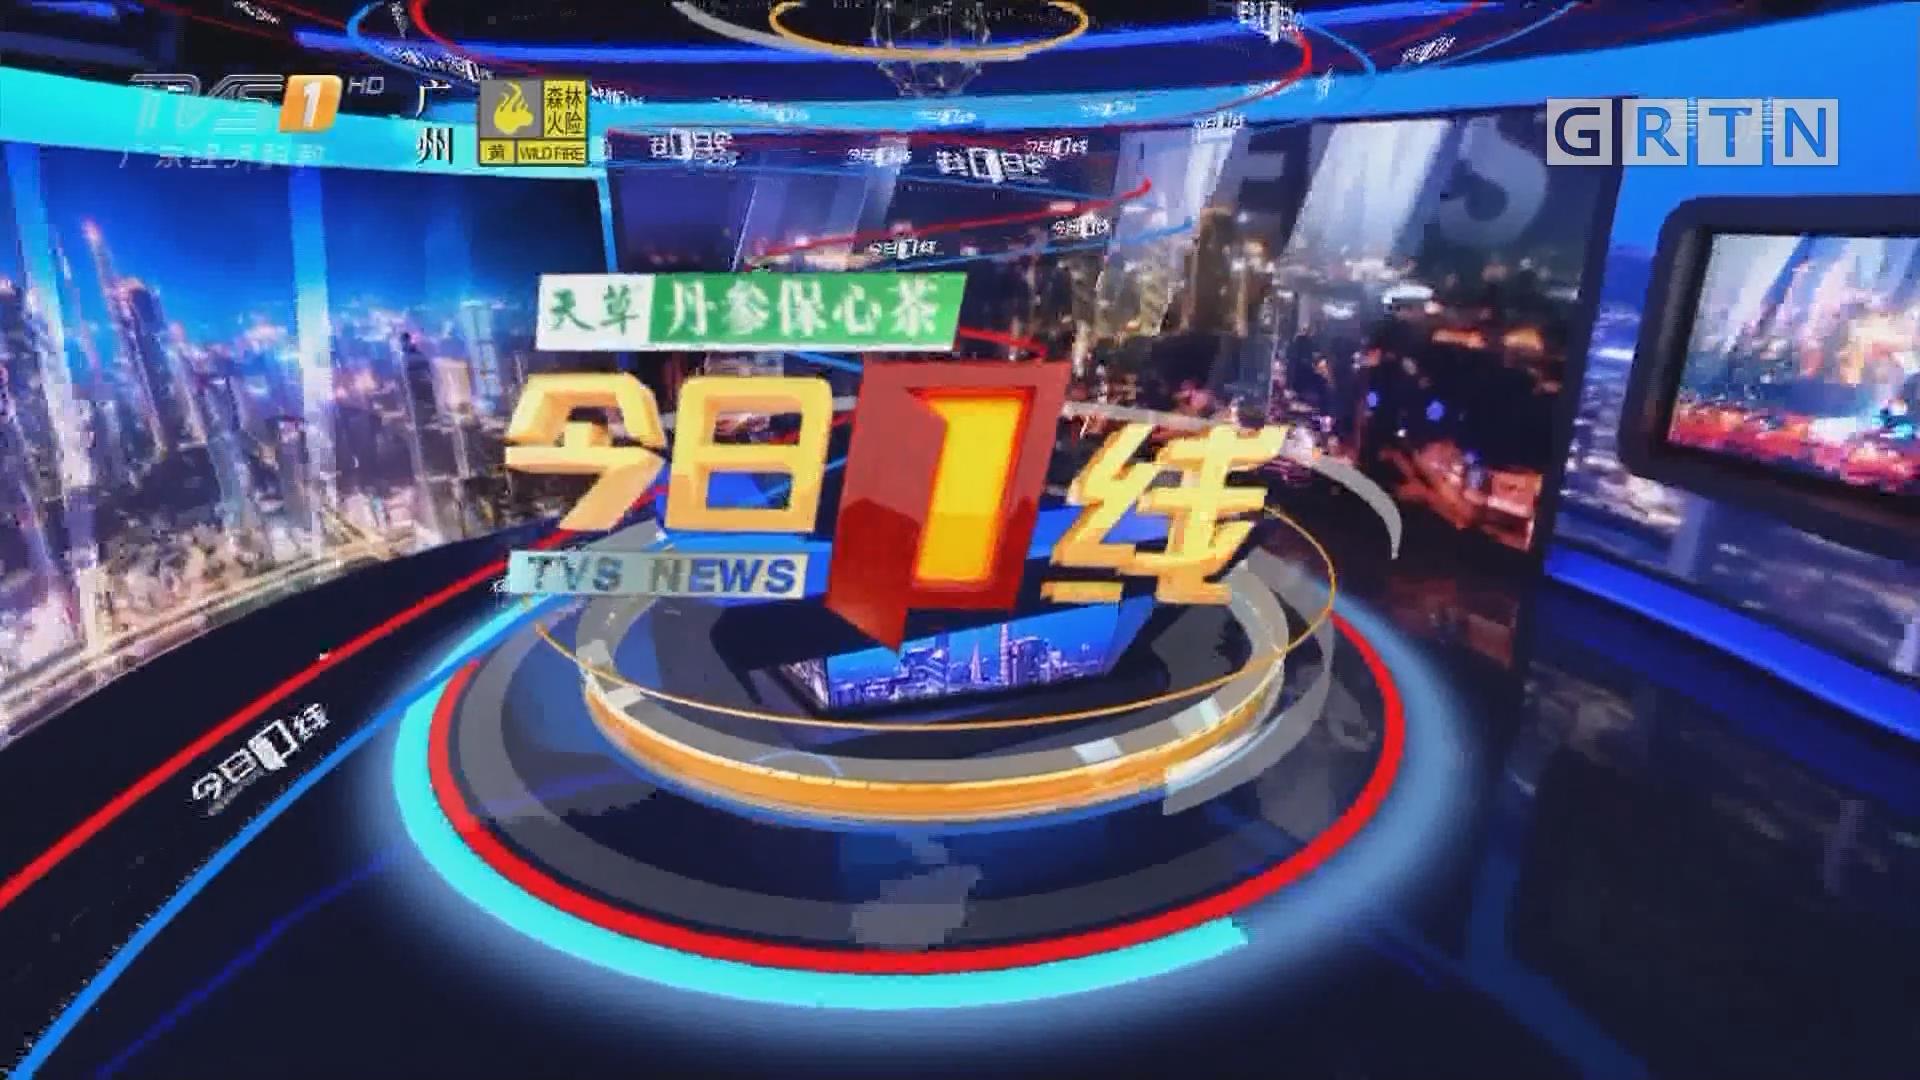 [HD][2019-04-10]今日一线:广州番禺:22楼高空坠物 掉下一大块玻璃